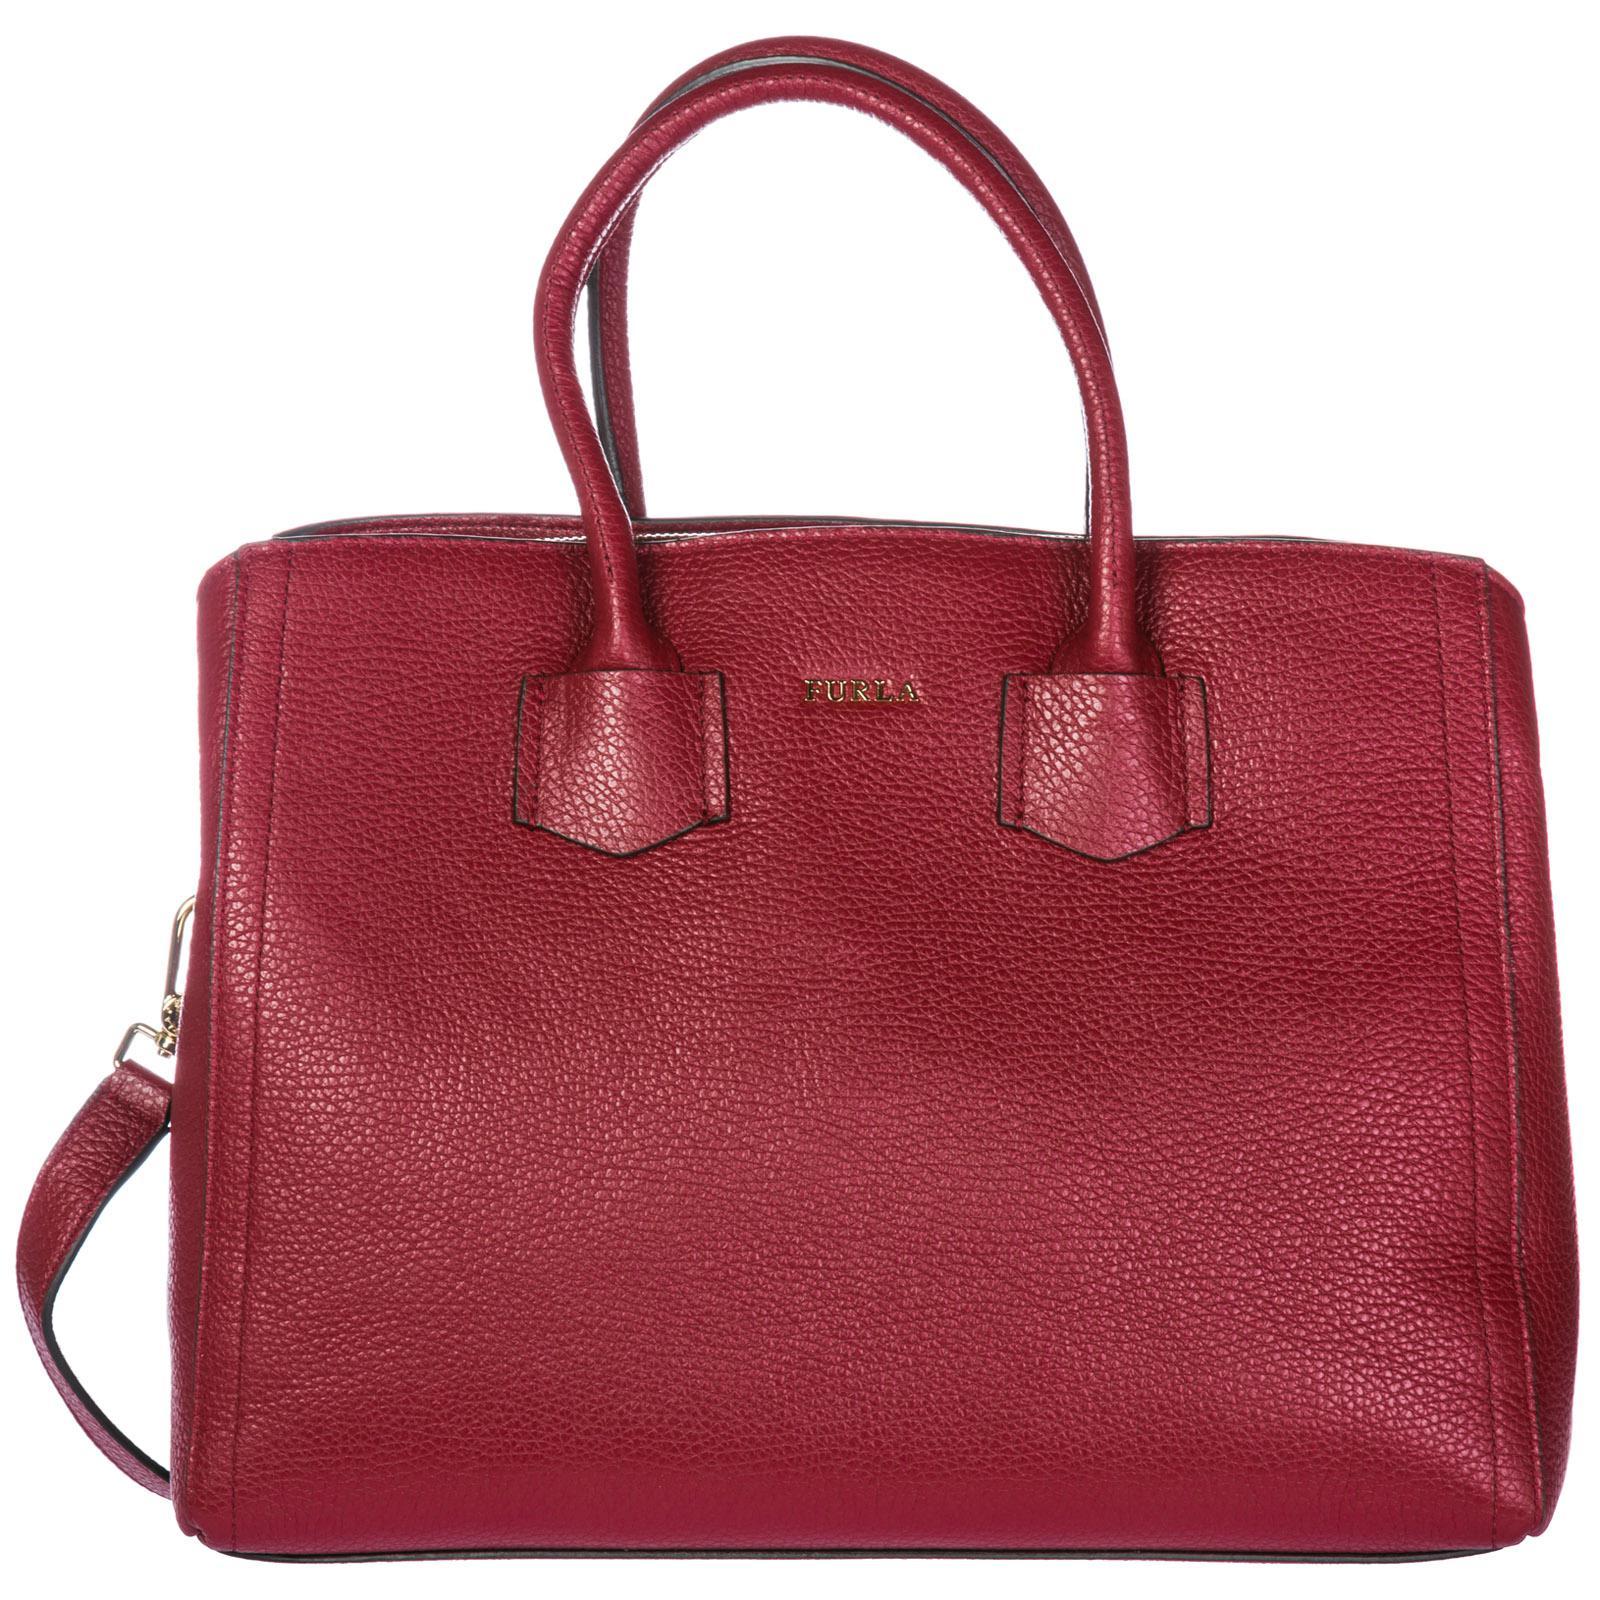 Red In Donna Mano Alba Borsa Furla A Lyst Tracolla Yp04Cxqv d61edf54220